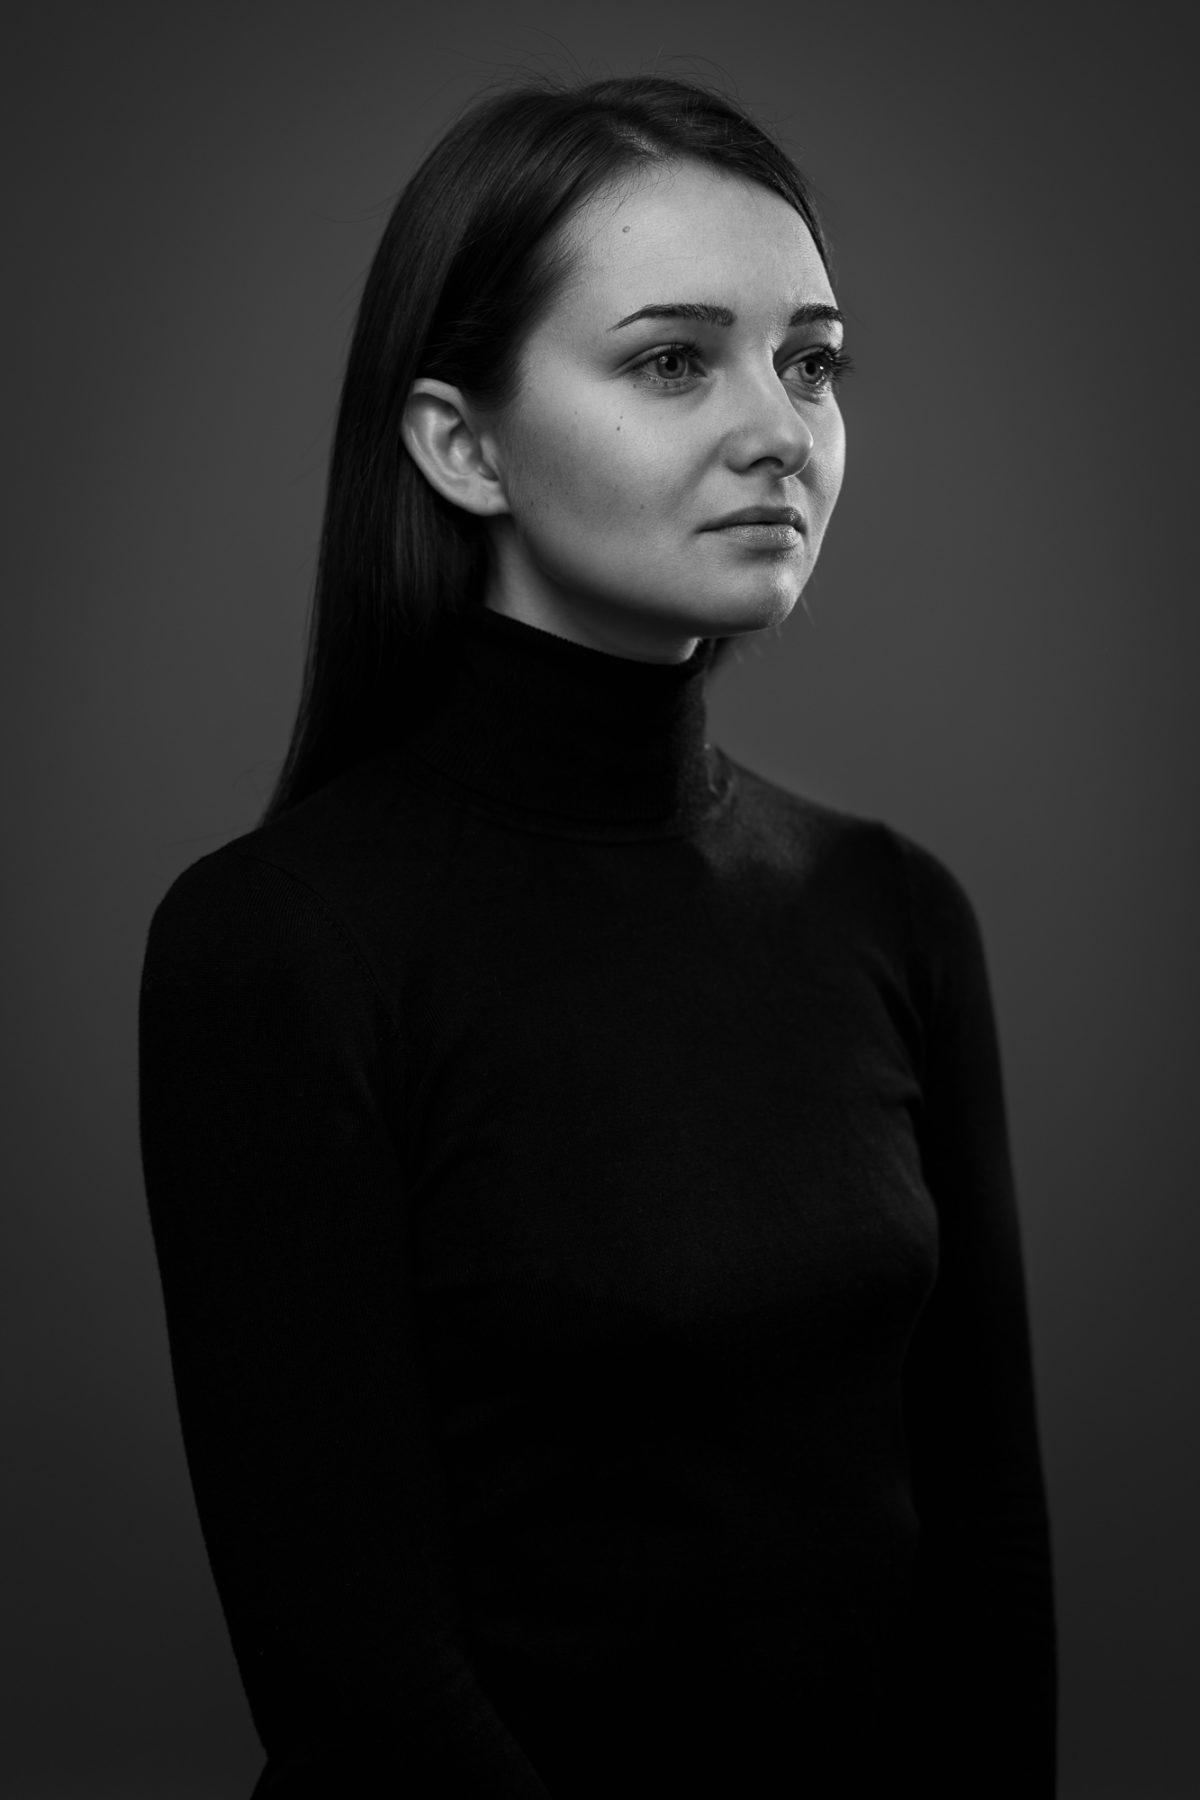 Schwarz-Weiß Portrait einer Frau mit seitlichem Profil